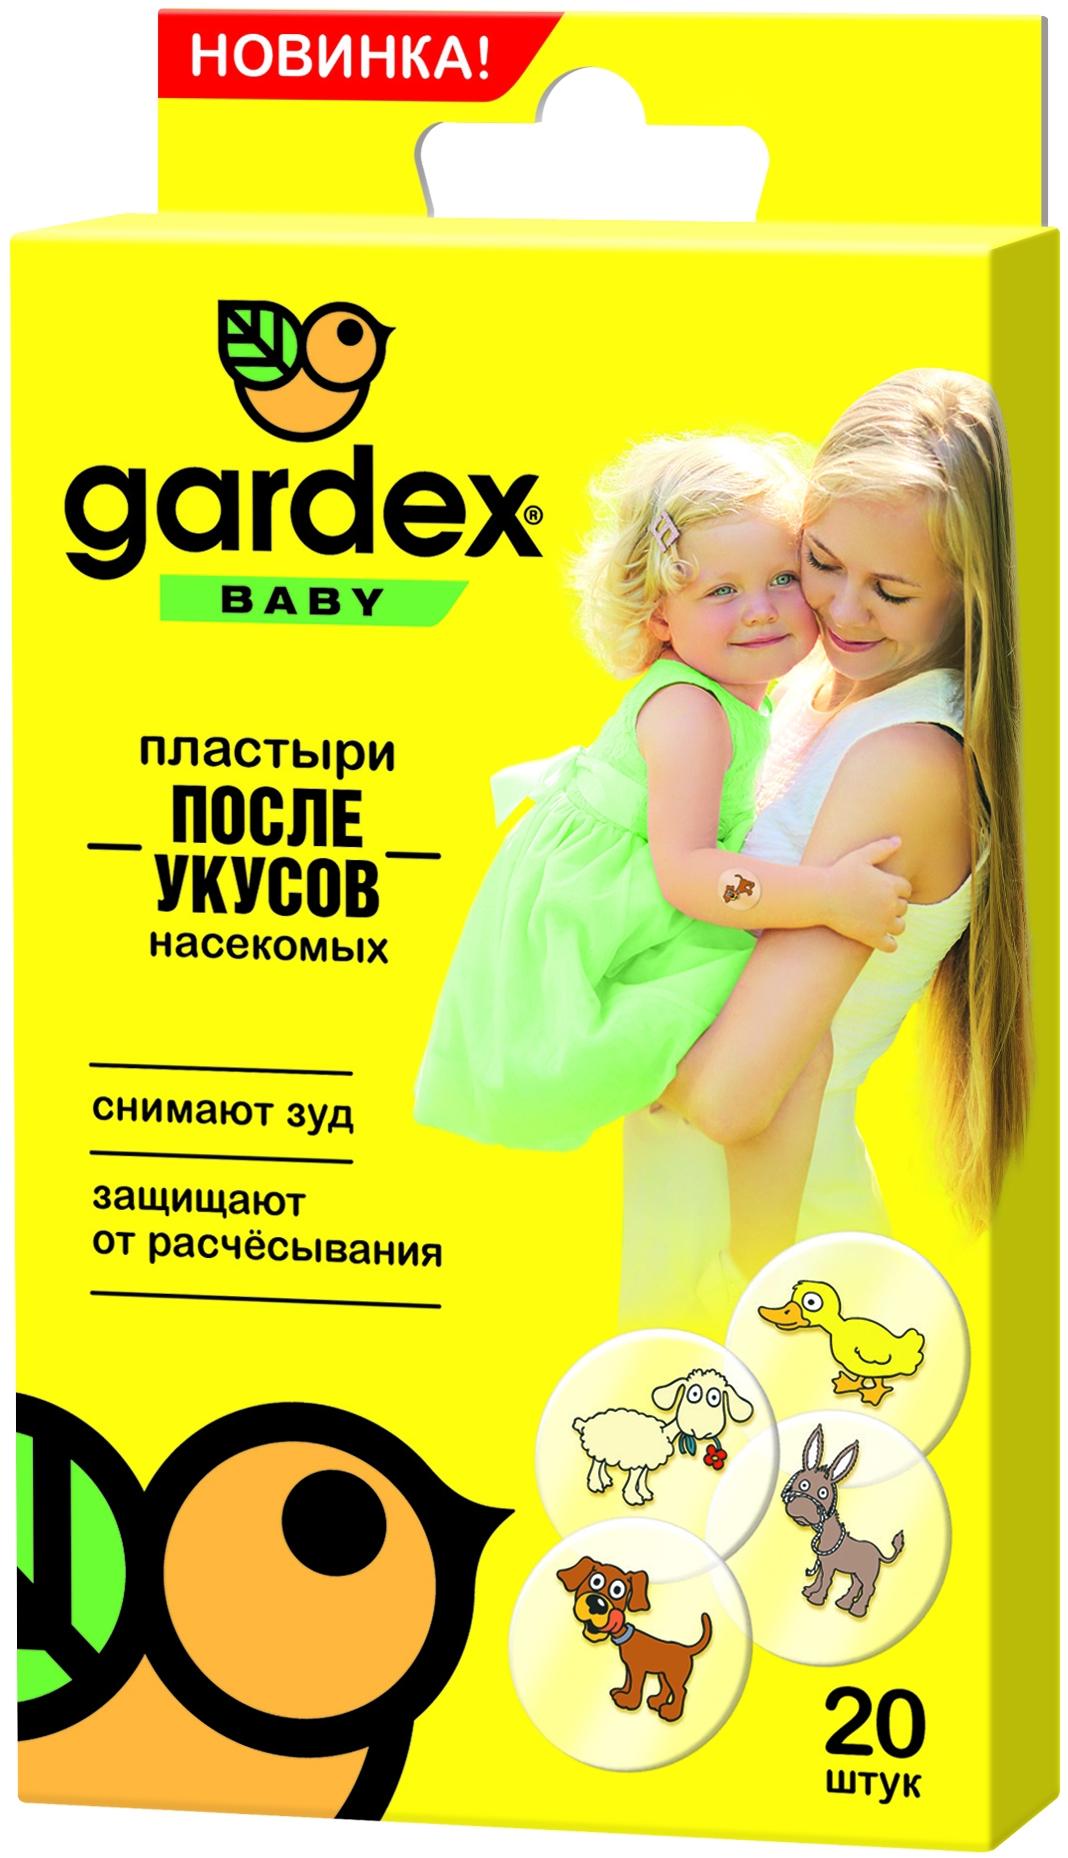 Пластыри Gardex После укусов насекомых, 20шт gardex baby пластыри после укусов насекомых